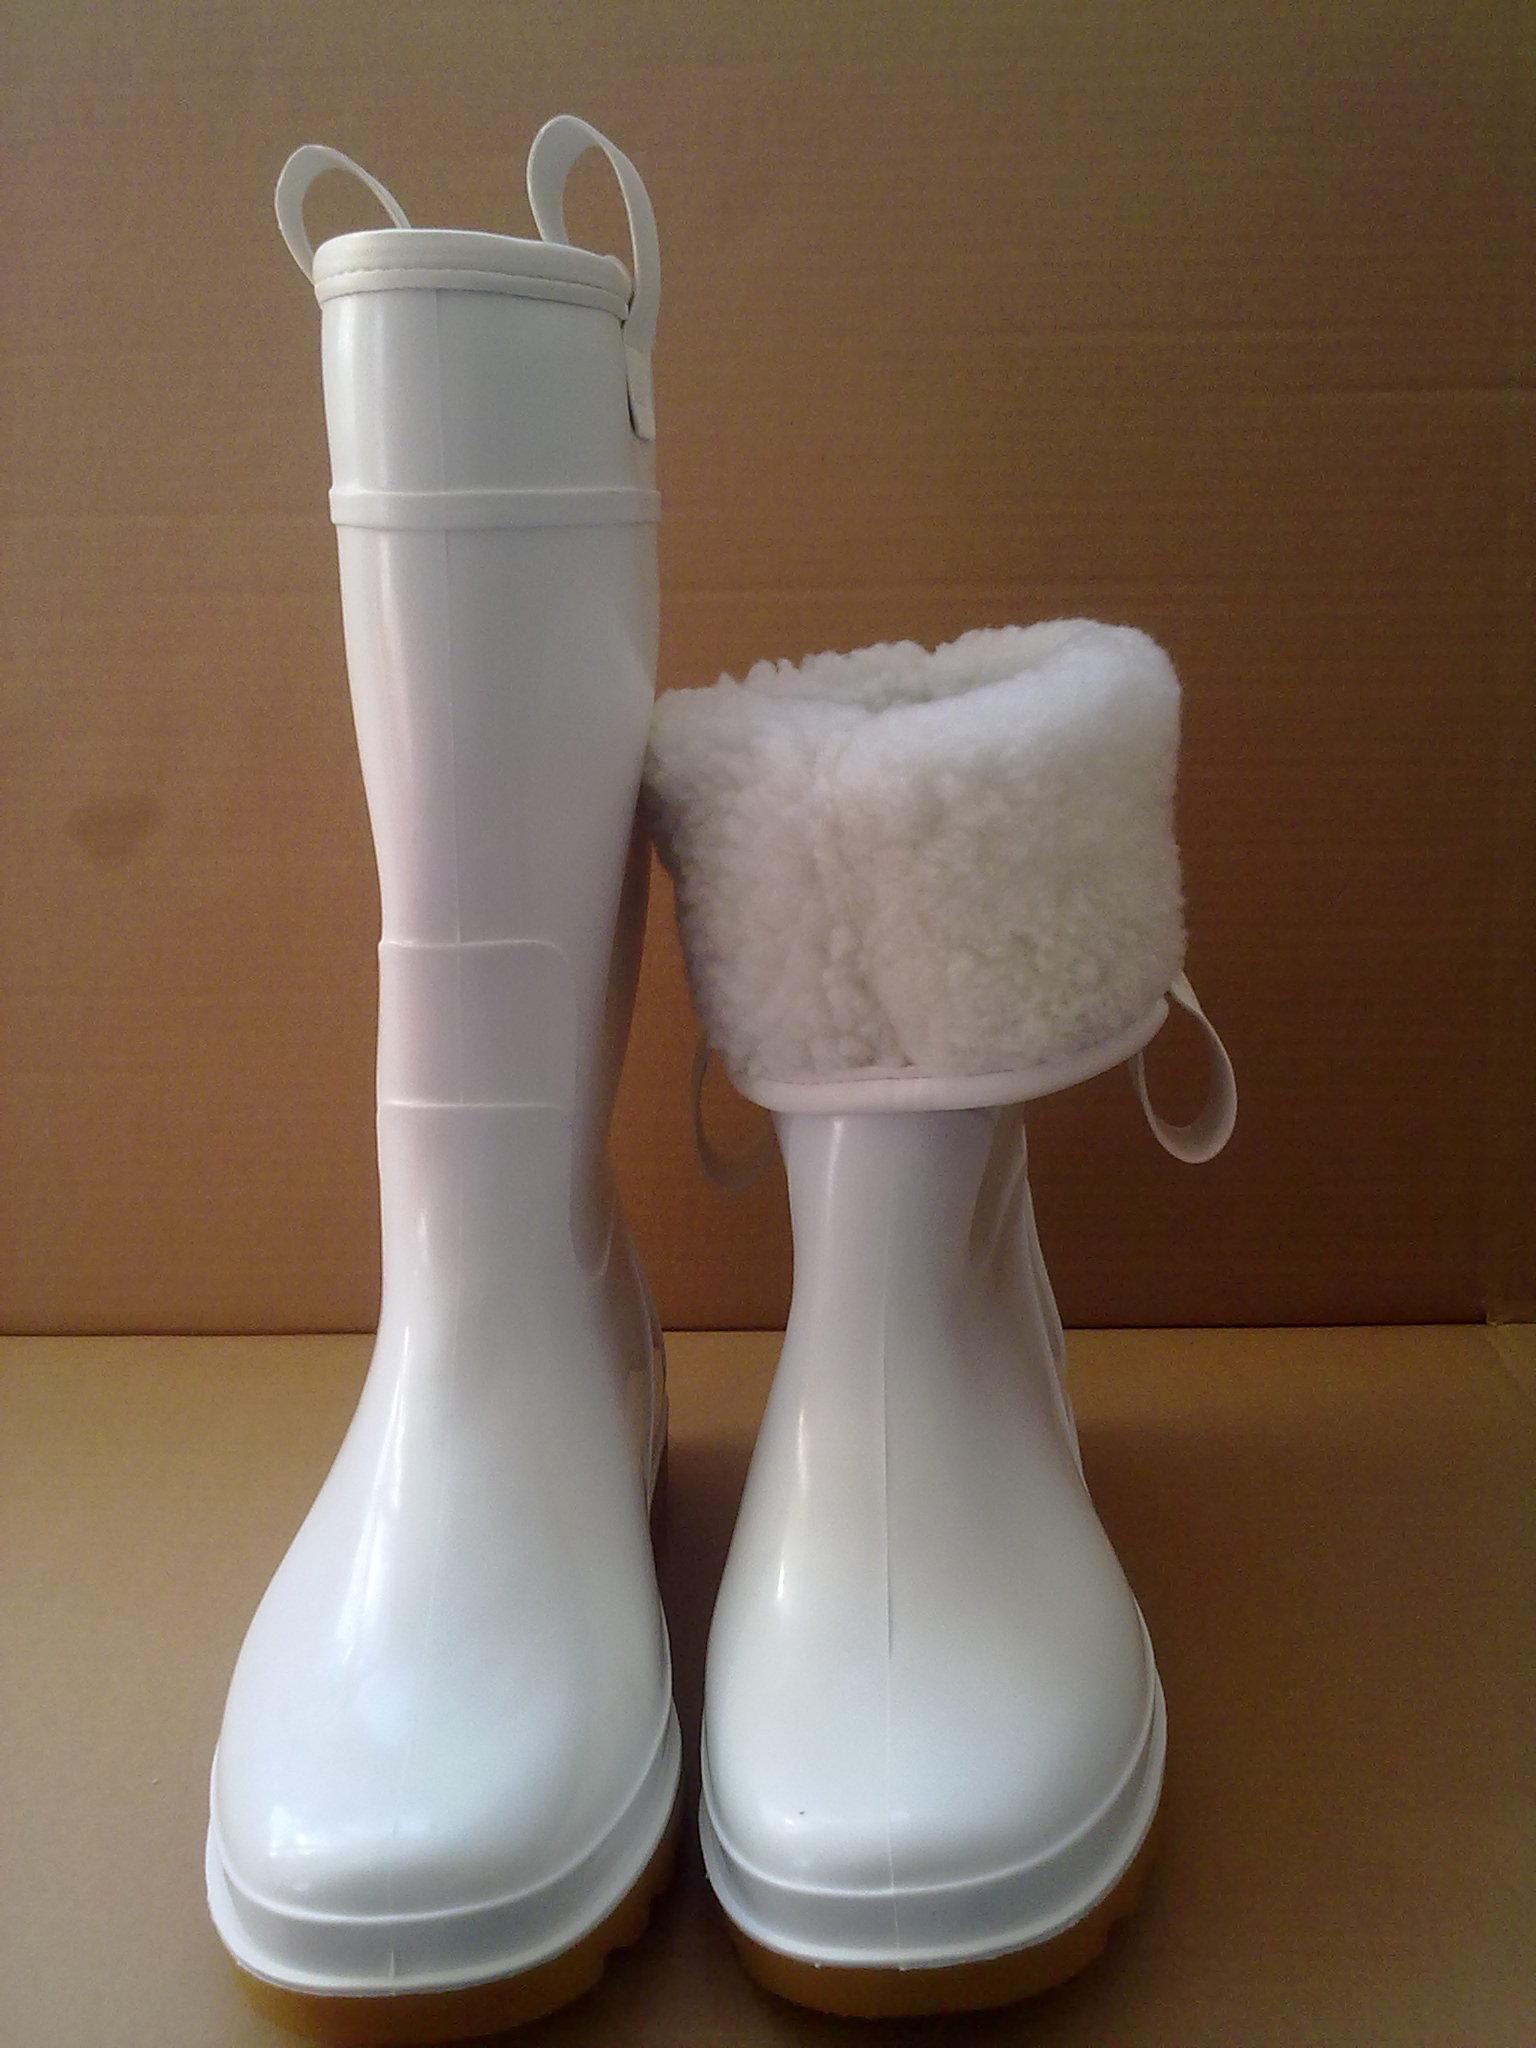 食品加棉雨靴 PVC棉雨鞋耐油耐酸碱棉胶鞋白色雨鞋食品冷库靴